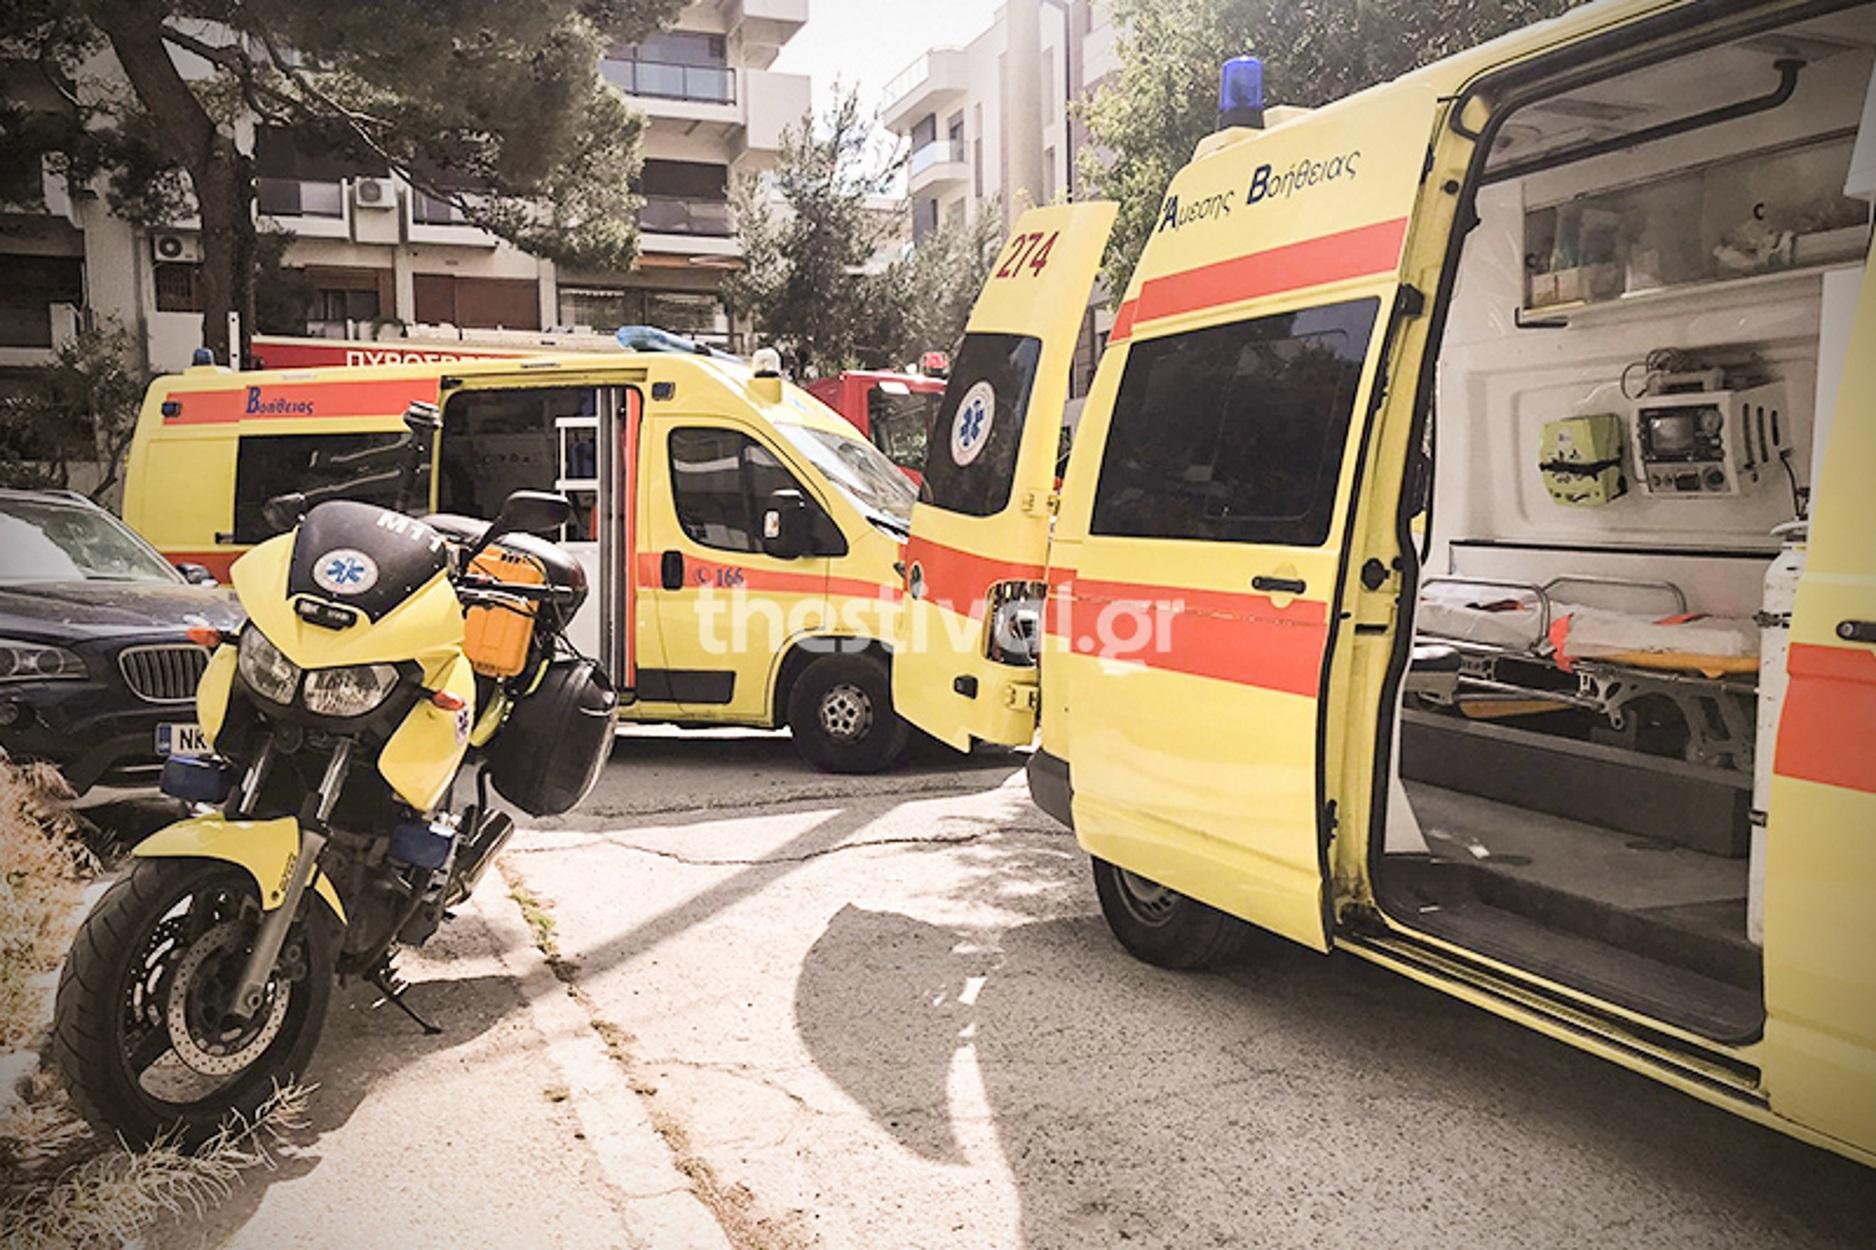 Θεσσαλονίκη: Νεκρός τεχνίτης – Κεραυνοβολήθηκε ενώ τοποθετούσε θερμοσίφωνα